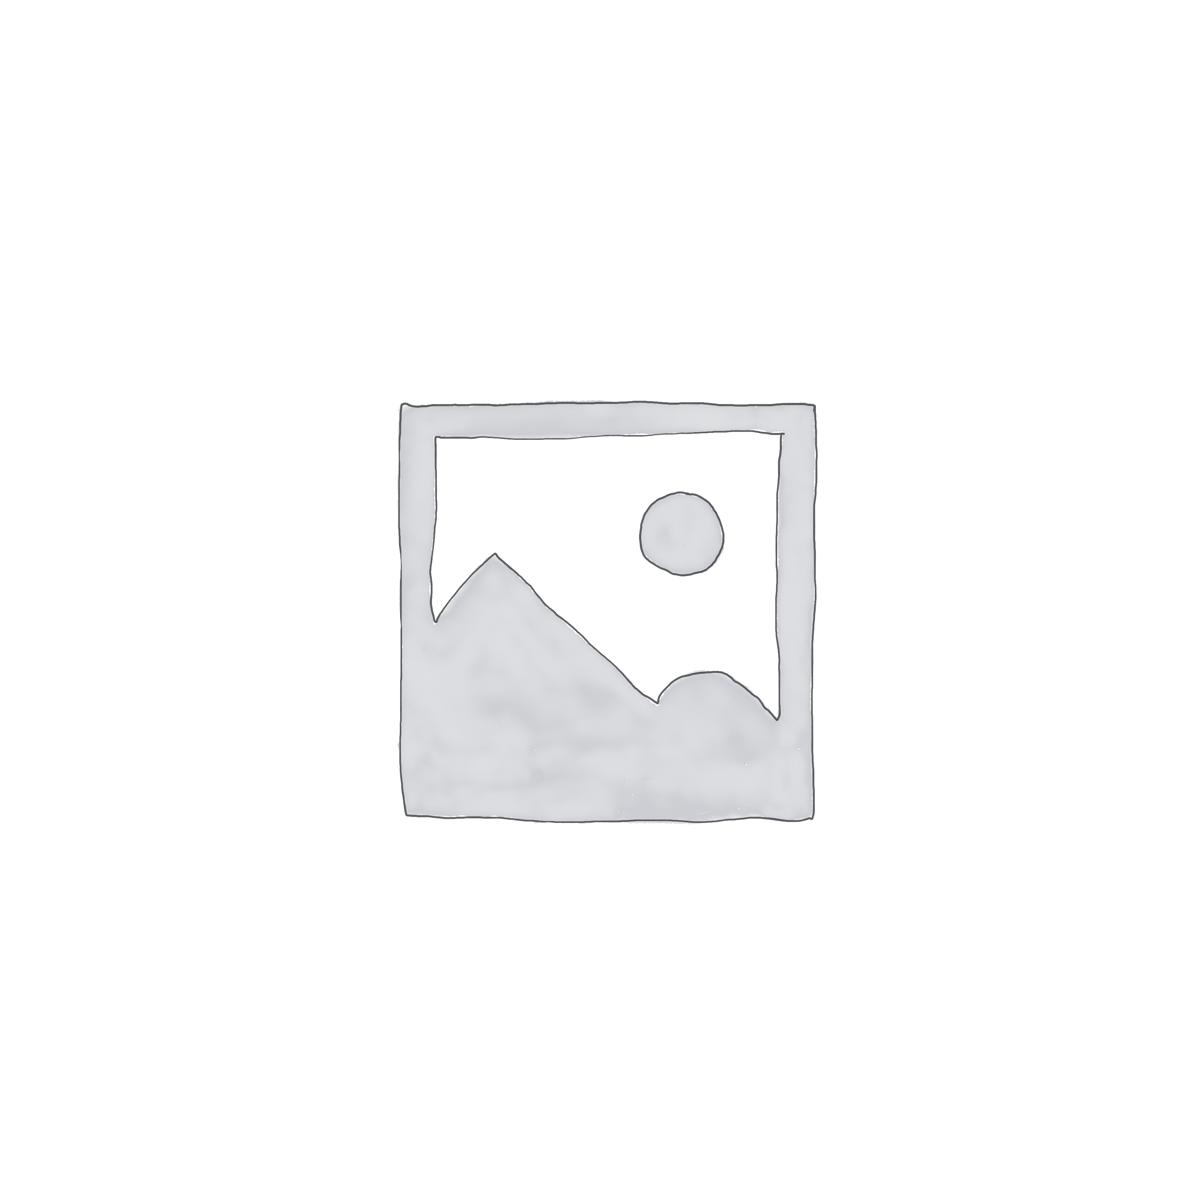 Piele ternă, cu relief neuniform